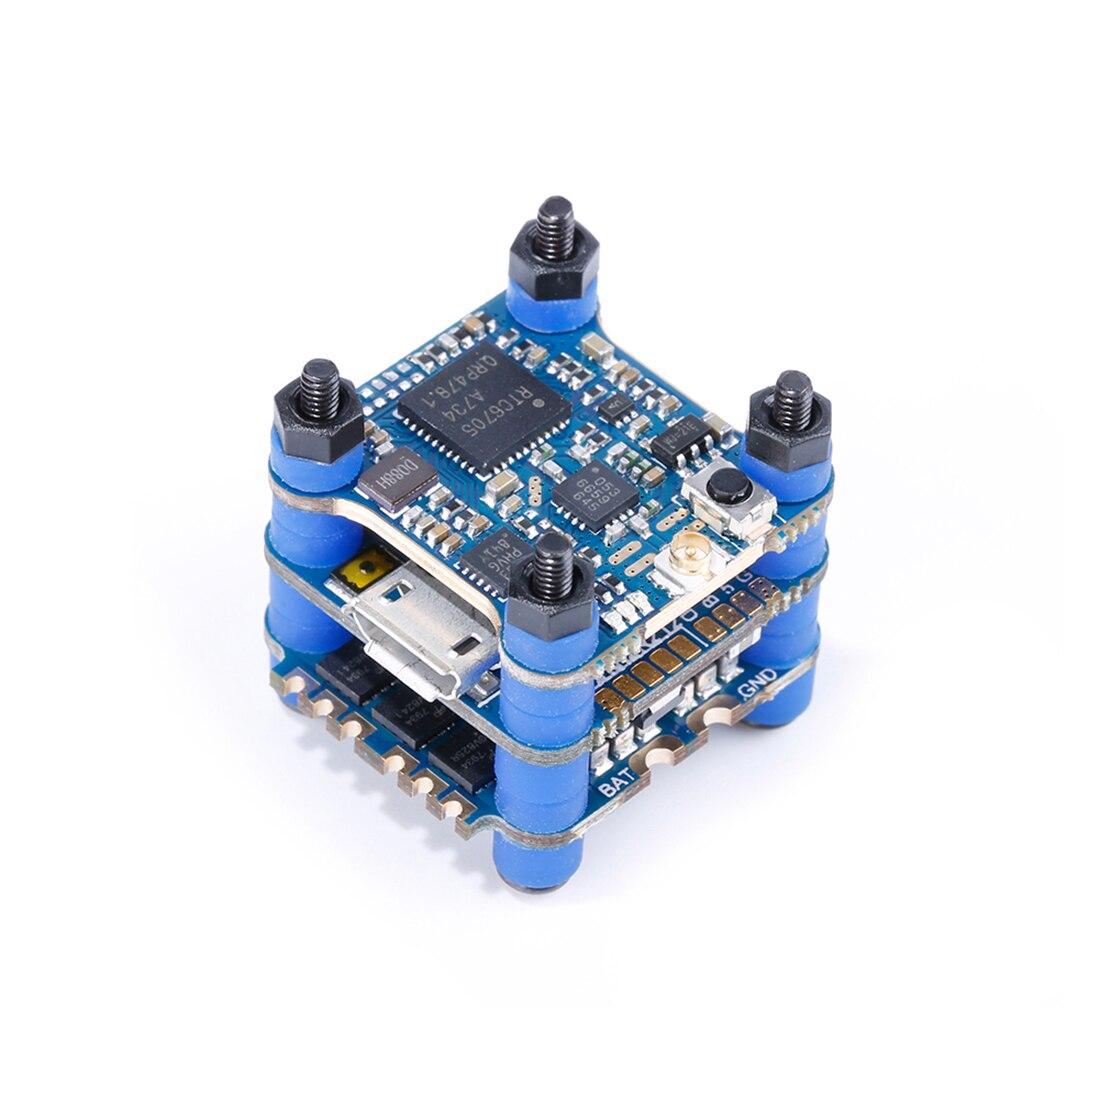 IFlight SucceX V2 رحلة مصغرة برج 2 6S مع SucceX F4 V2.1 FC/SucceX 12A V2 4 في 1 ESC/Succex حفرة/25/100/200/400/500 mW V2 VTX-في قطع غيار وملحقات من الألعاب والهوايات على  مجموعة 1